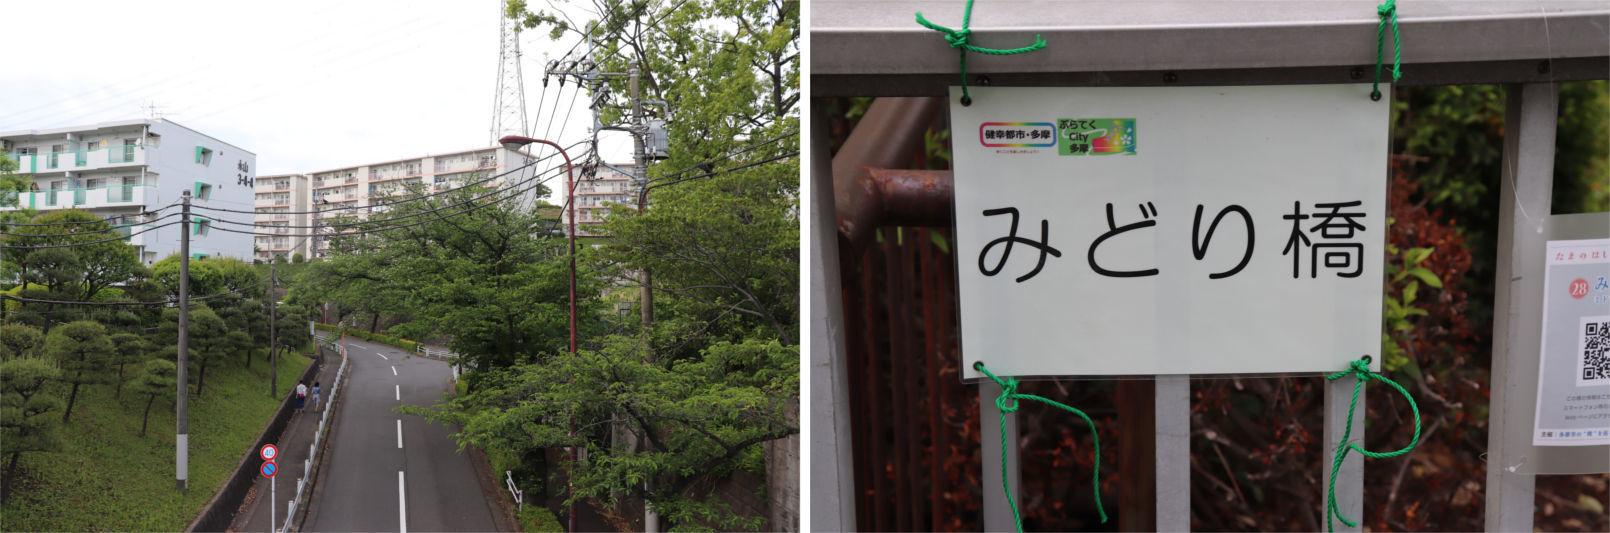 [多摩NTの橋ぜんぶ撮影PJ] No.86~90 瓜生地区の橋_a0332275_00220347.jpg